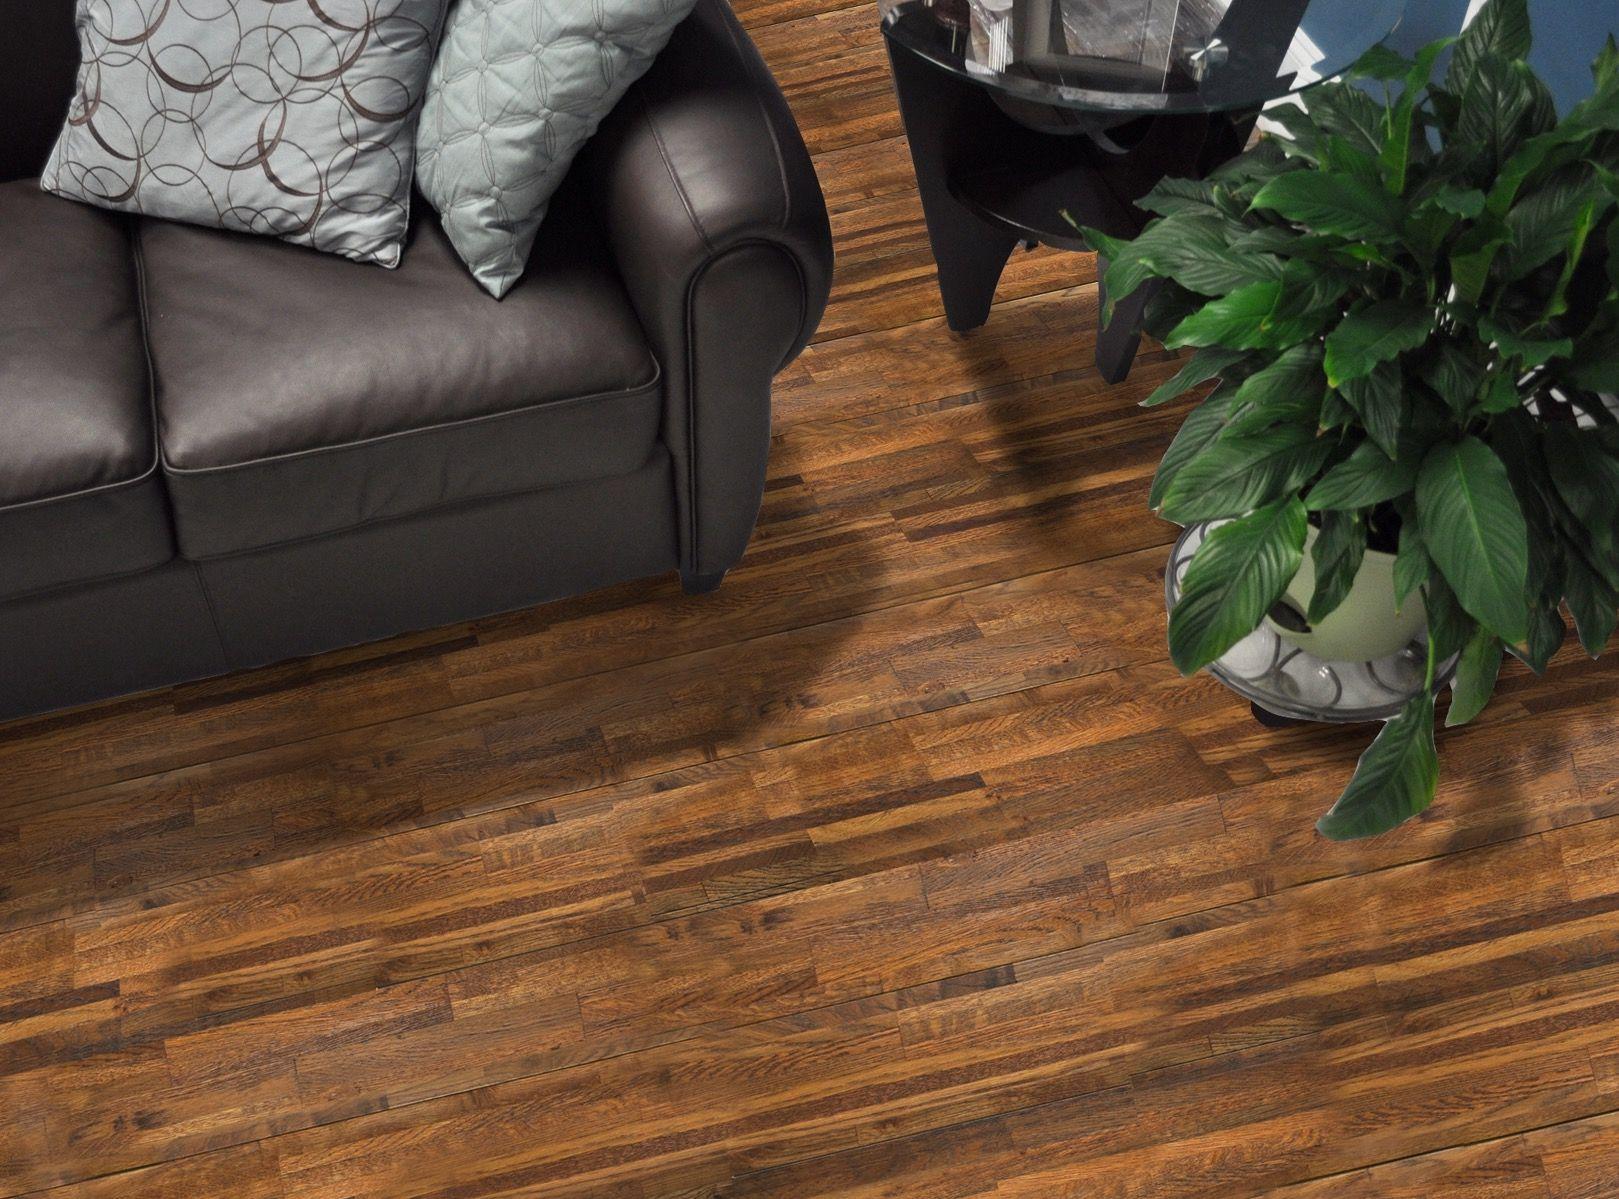 Fw 5 8 X 5 Superfast Diamond Autumn Oak Solid Hardwood Flooring Menards Sku Number 742 1610 Diy Wood Floors Solid Hardwood Floors Wood Floors